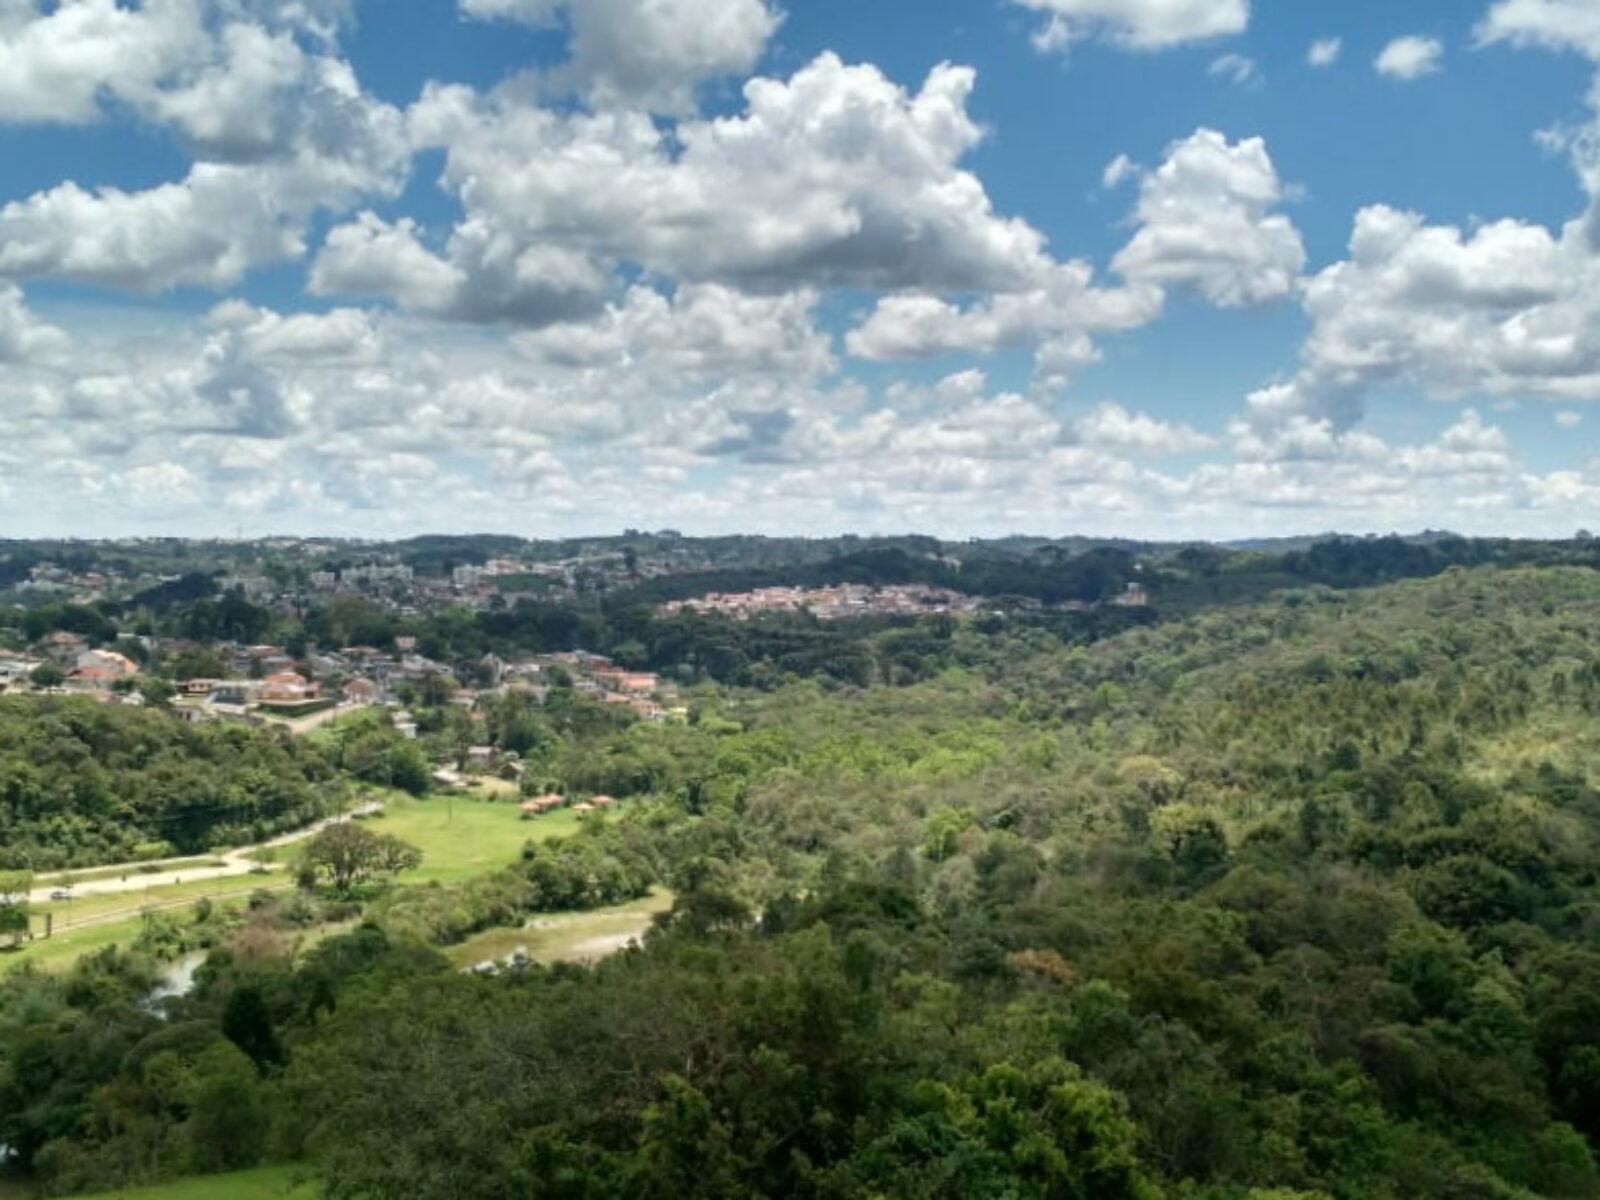 Parque Tanguá, Curitiba, Brasil